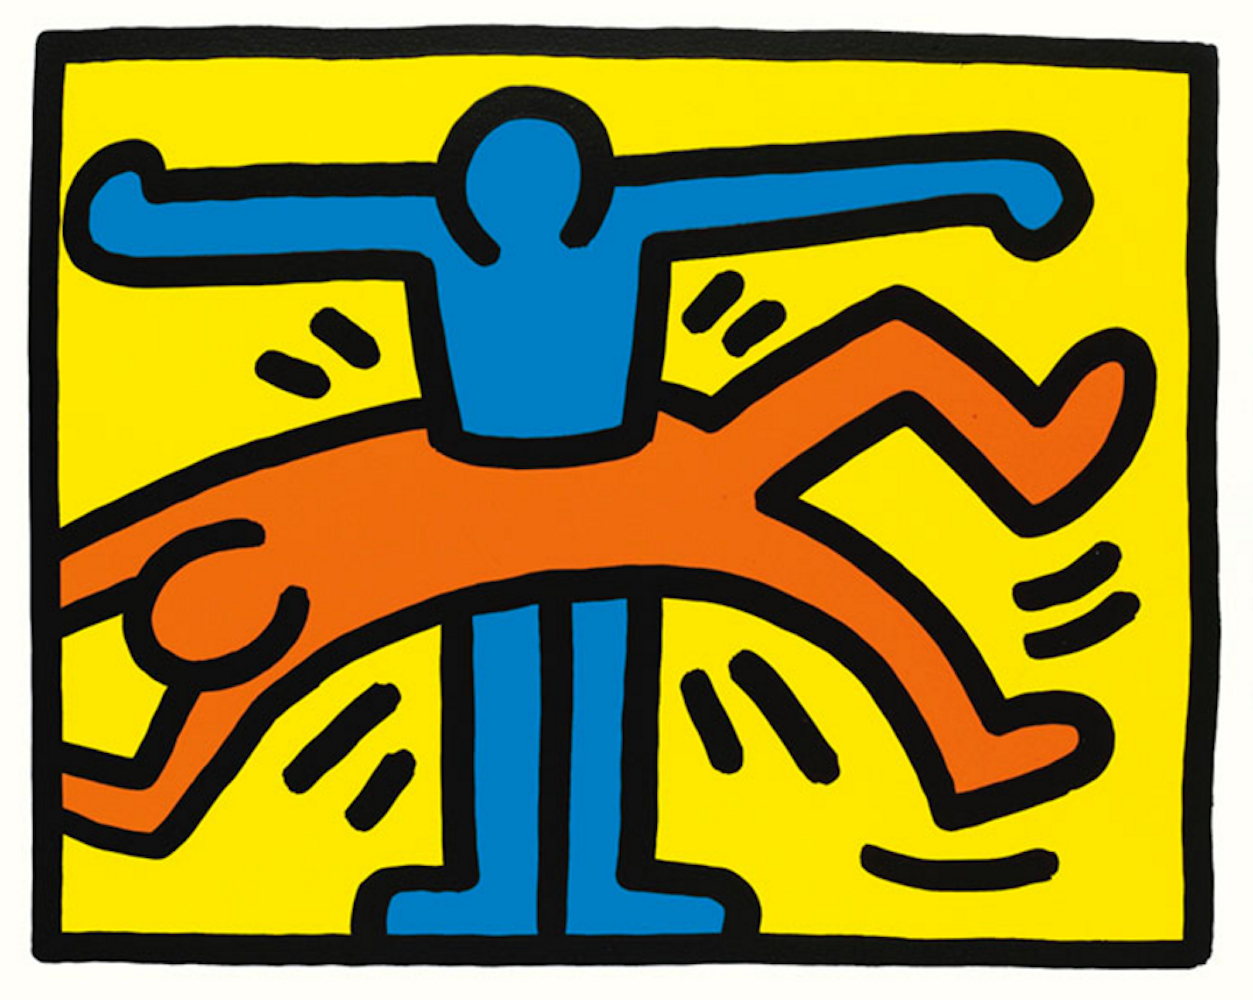 Pop Shop VI by Keith Haring.